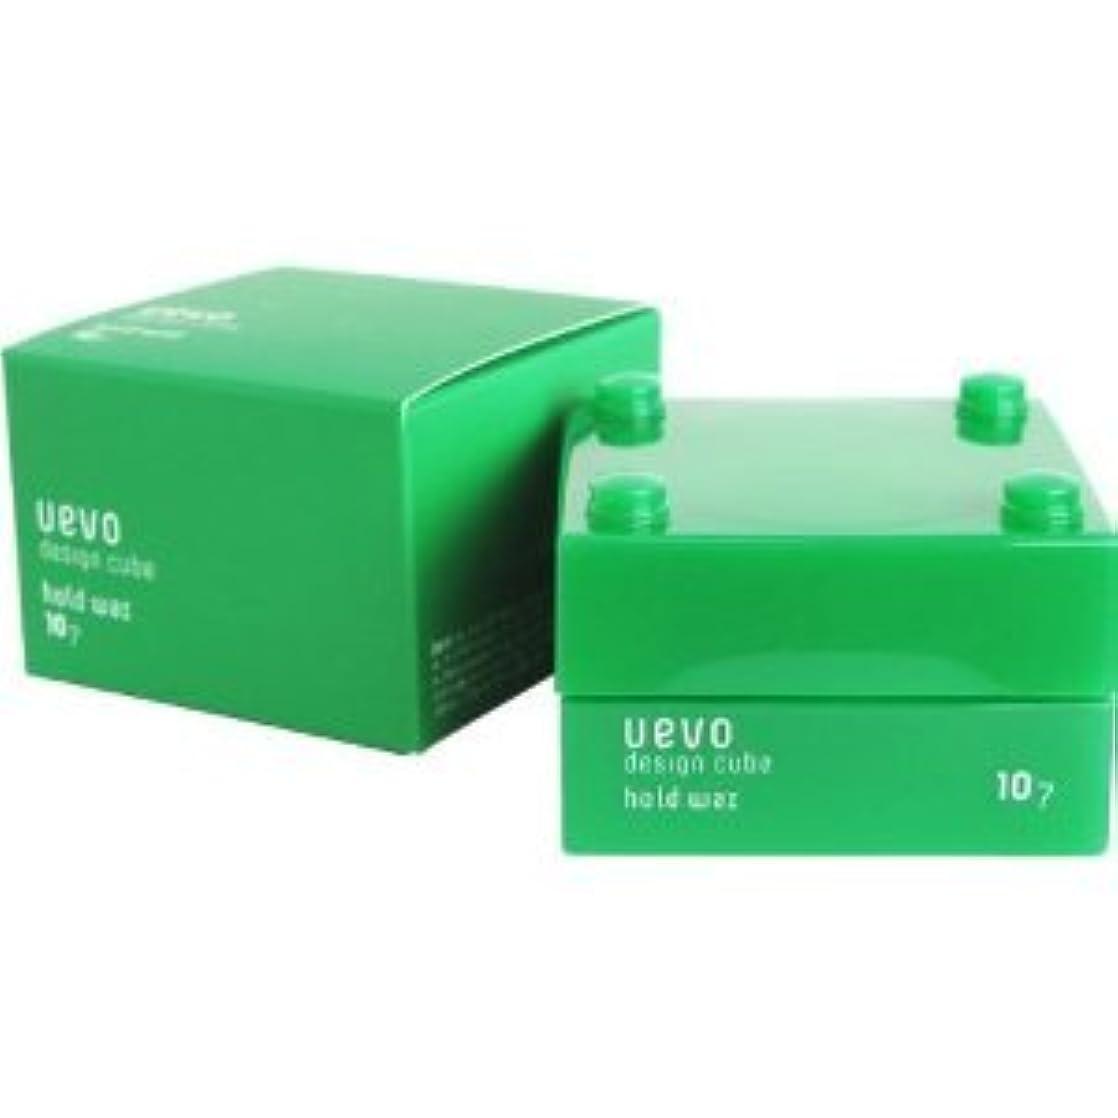 提供された役立つ平行【X2個セット】 デミ ウェーボ デザインキューブ ホールドワックス 30g hold wax